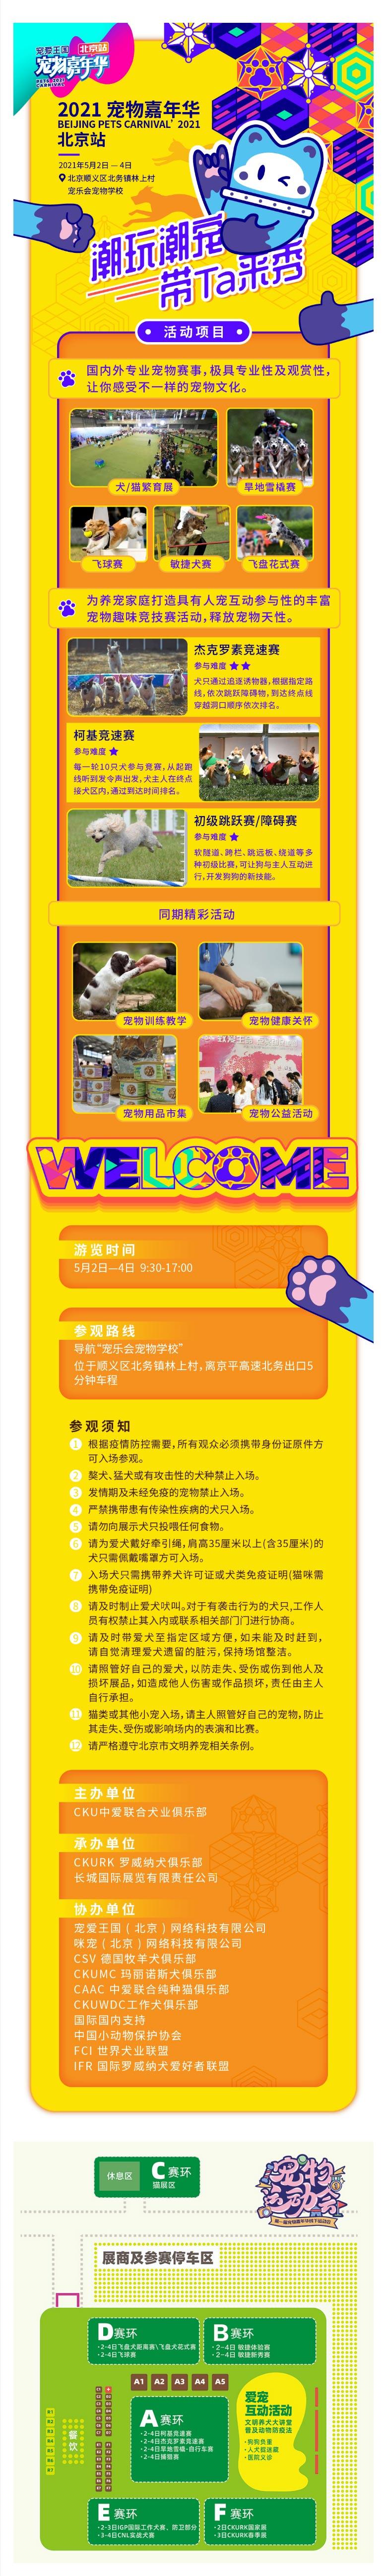 五一-宠物嘉年华-萌宠潮玩-北京站-预约报名-因果树活动-活动行.jpg